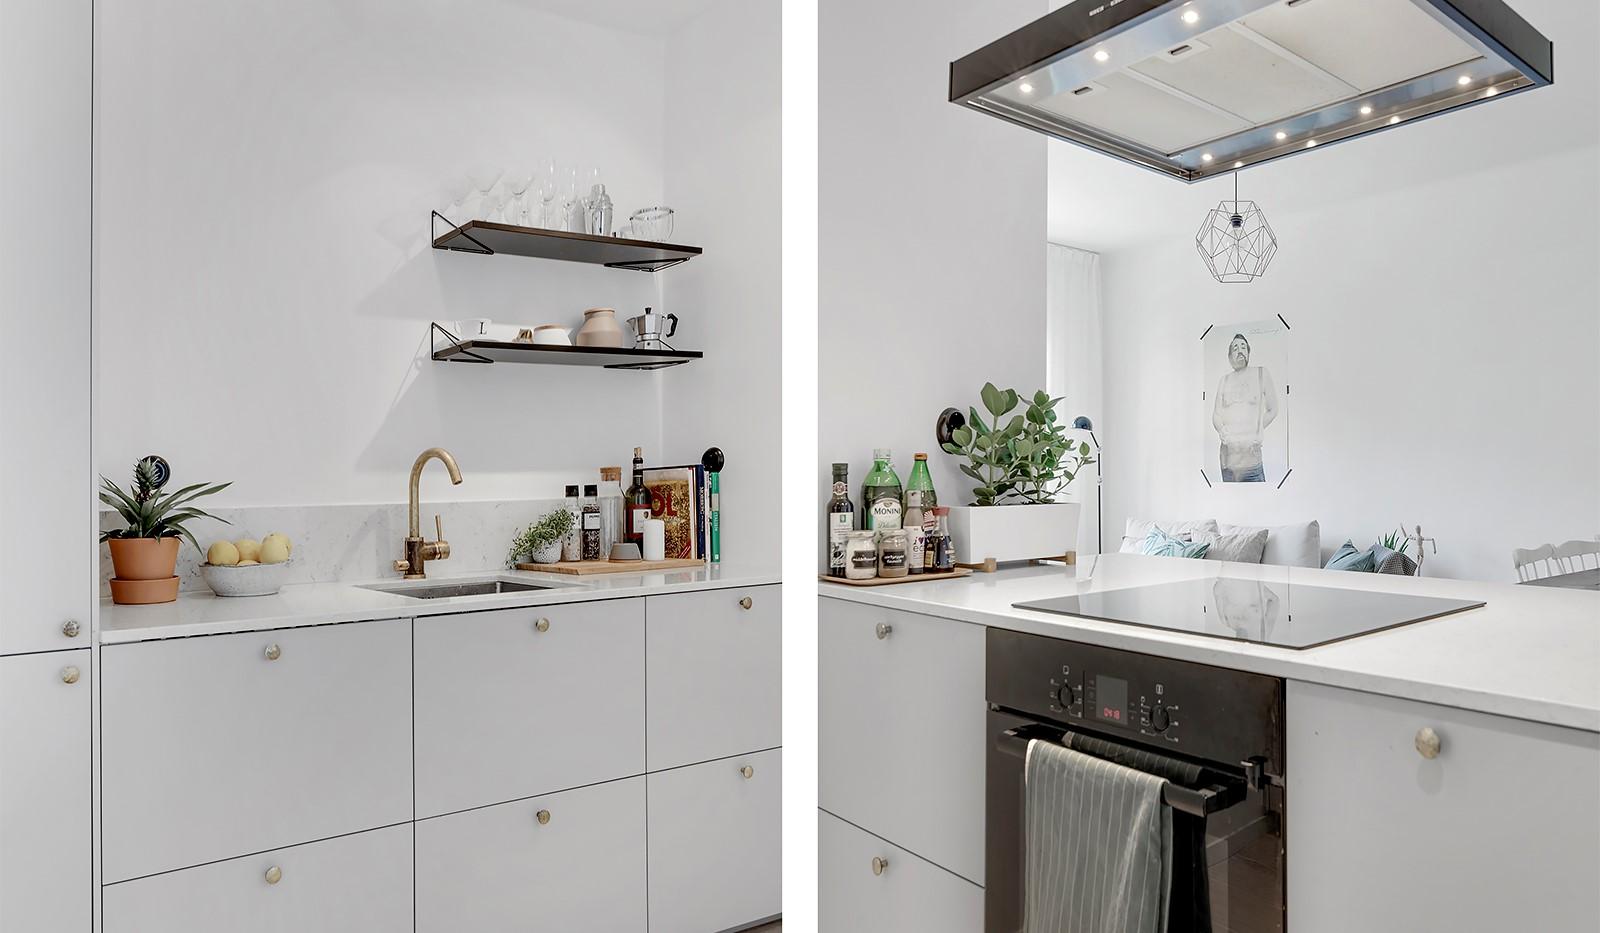 Råggatan 8, 1,5 tr - Topprenoverat kök med mässingsdetaljer